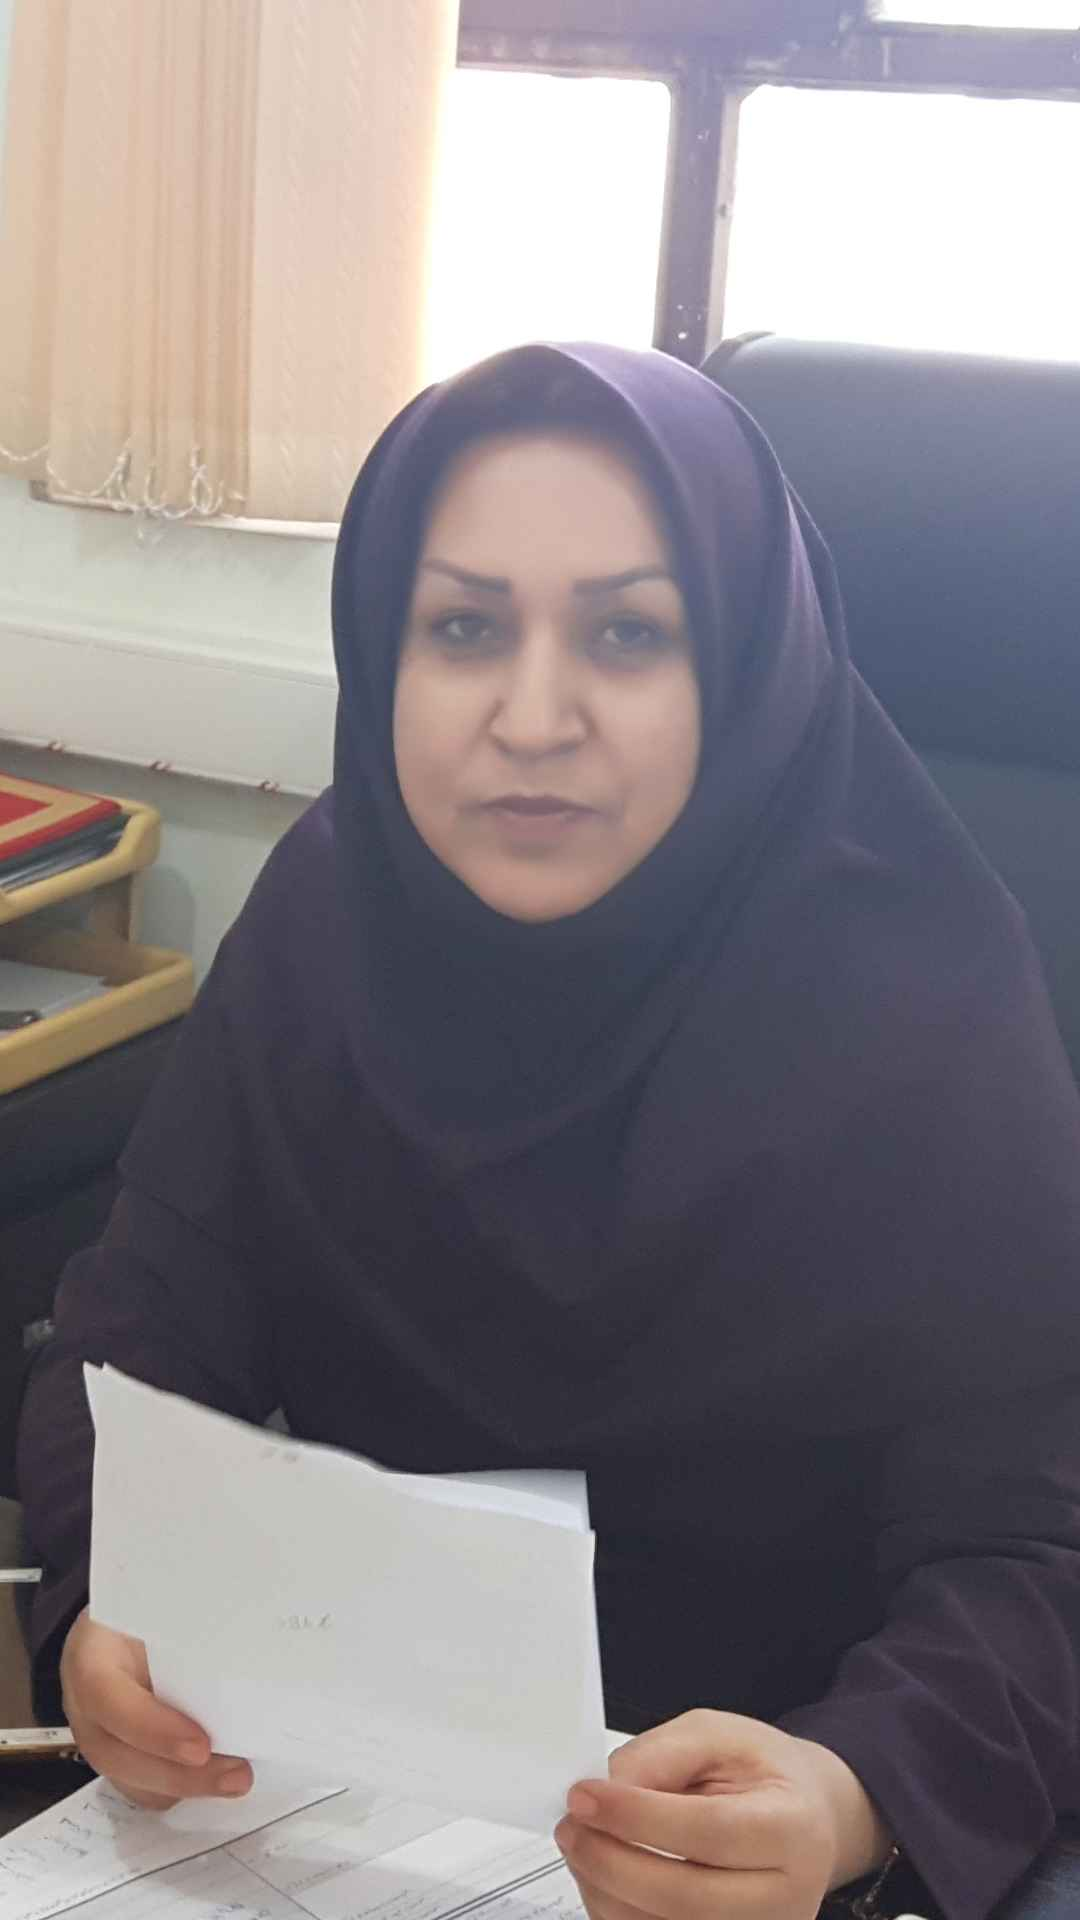 فعالیت های هفته حجاب و عفاف در اداره کل امور اقتصادی و دارایی استان ایلام